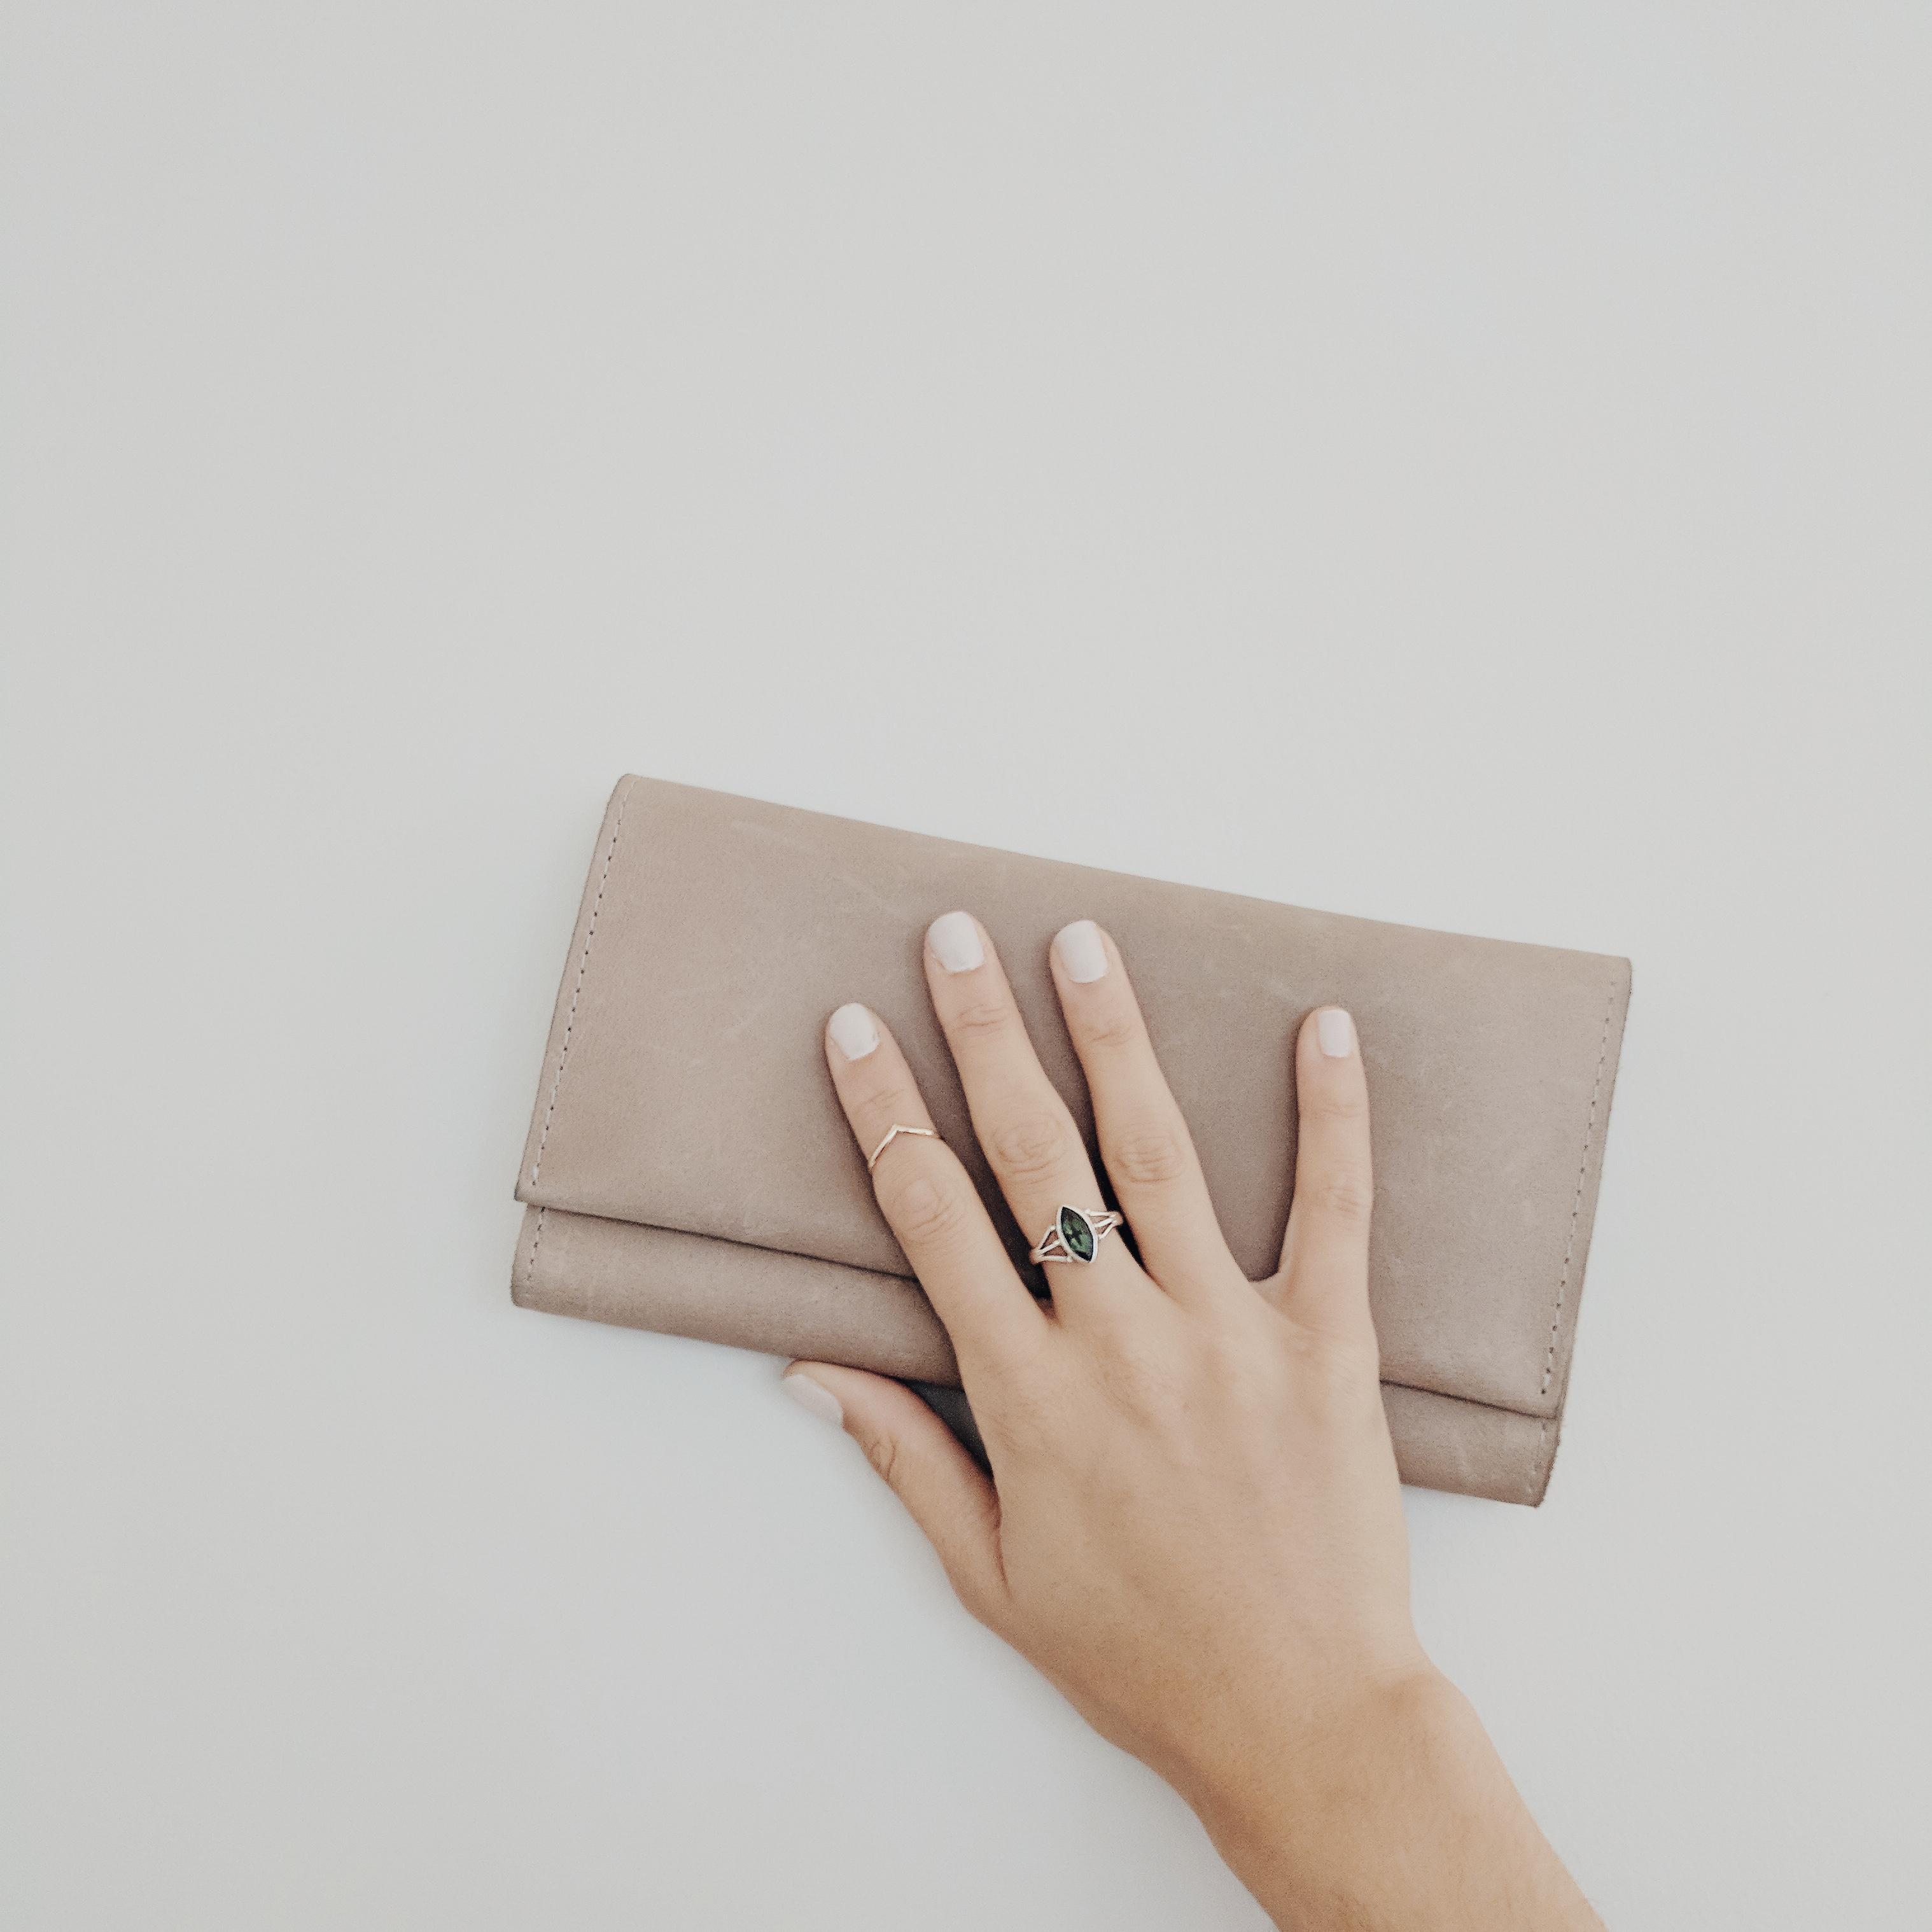 Debre Wallet